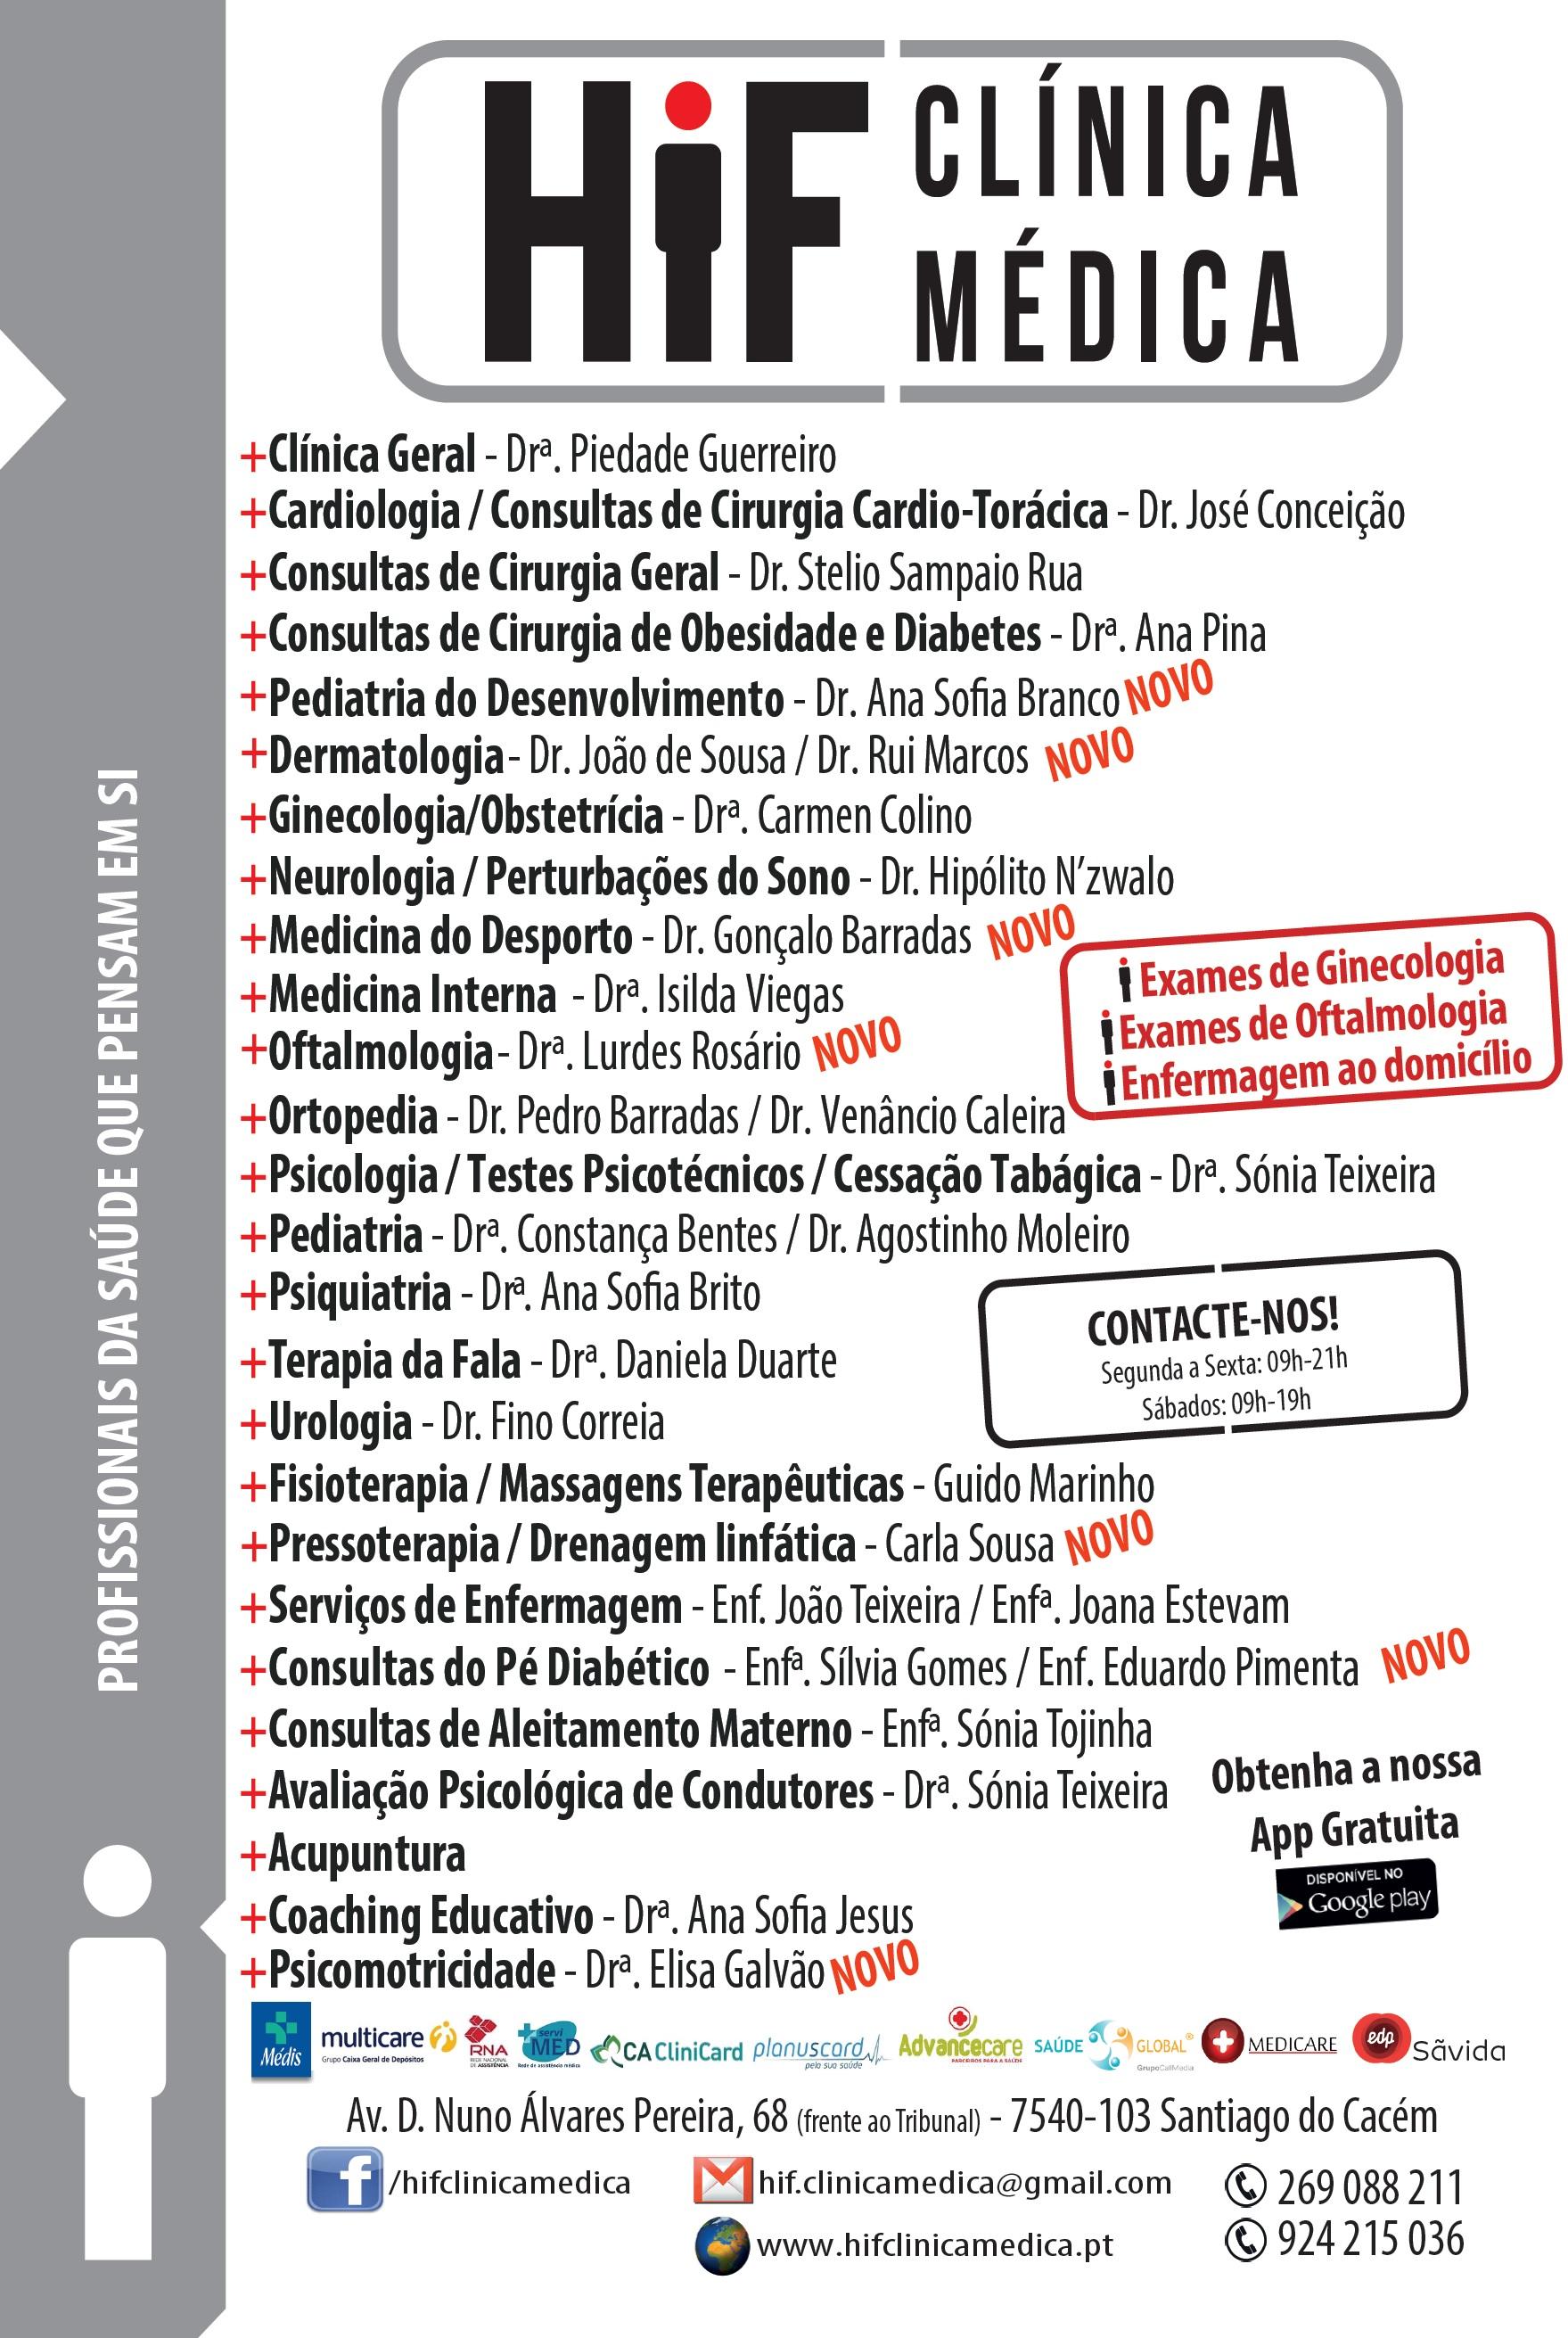 Panfleto Geral - HiF Clínica Médica